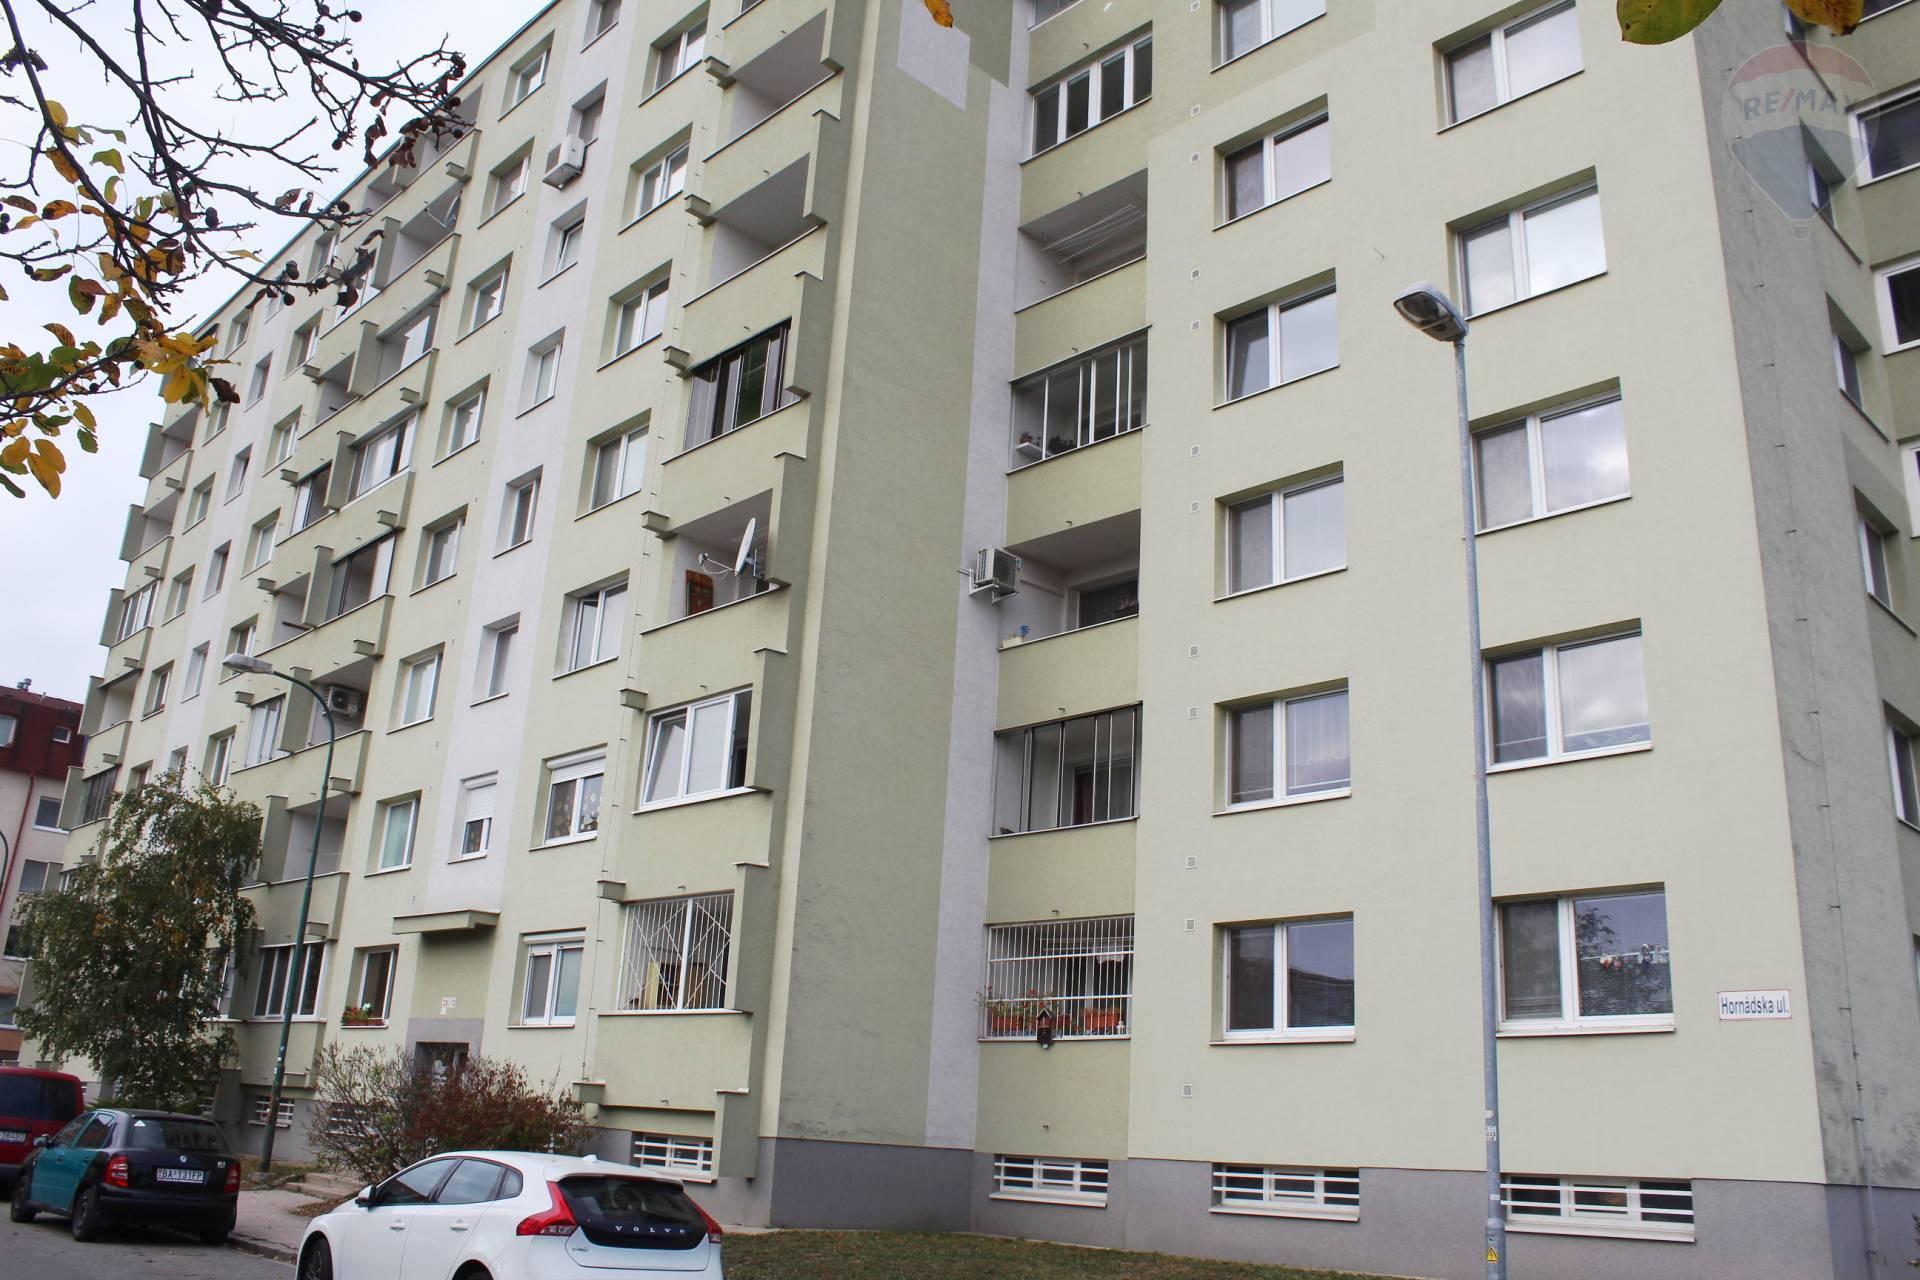 Predaj, 3-izb. byt (70 m2), cena vrátane provízie, pôvodný stav, Hornádska ul.